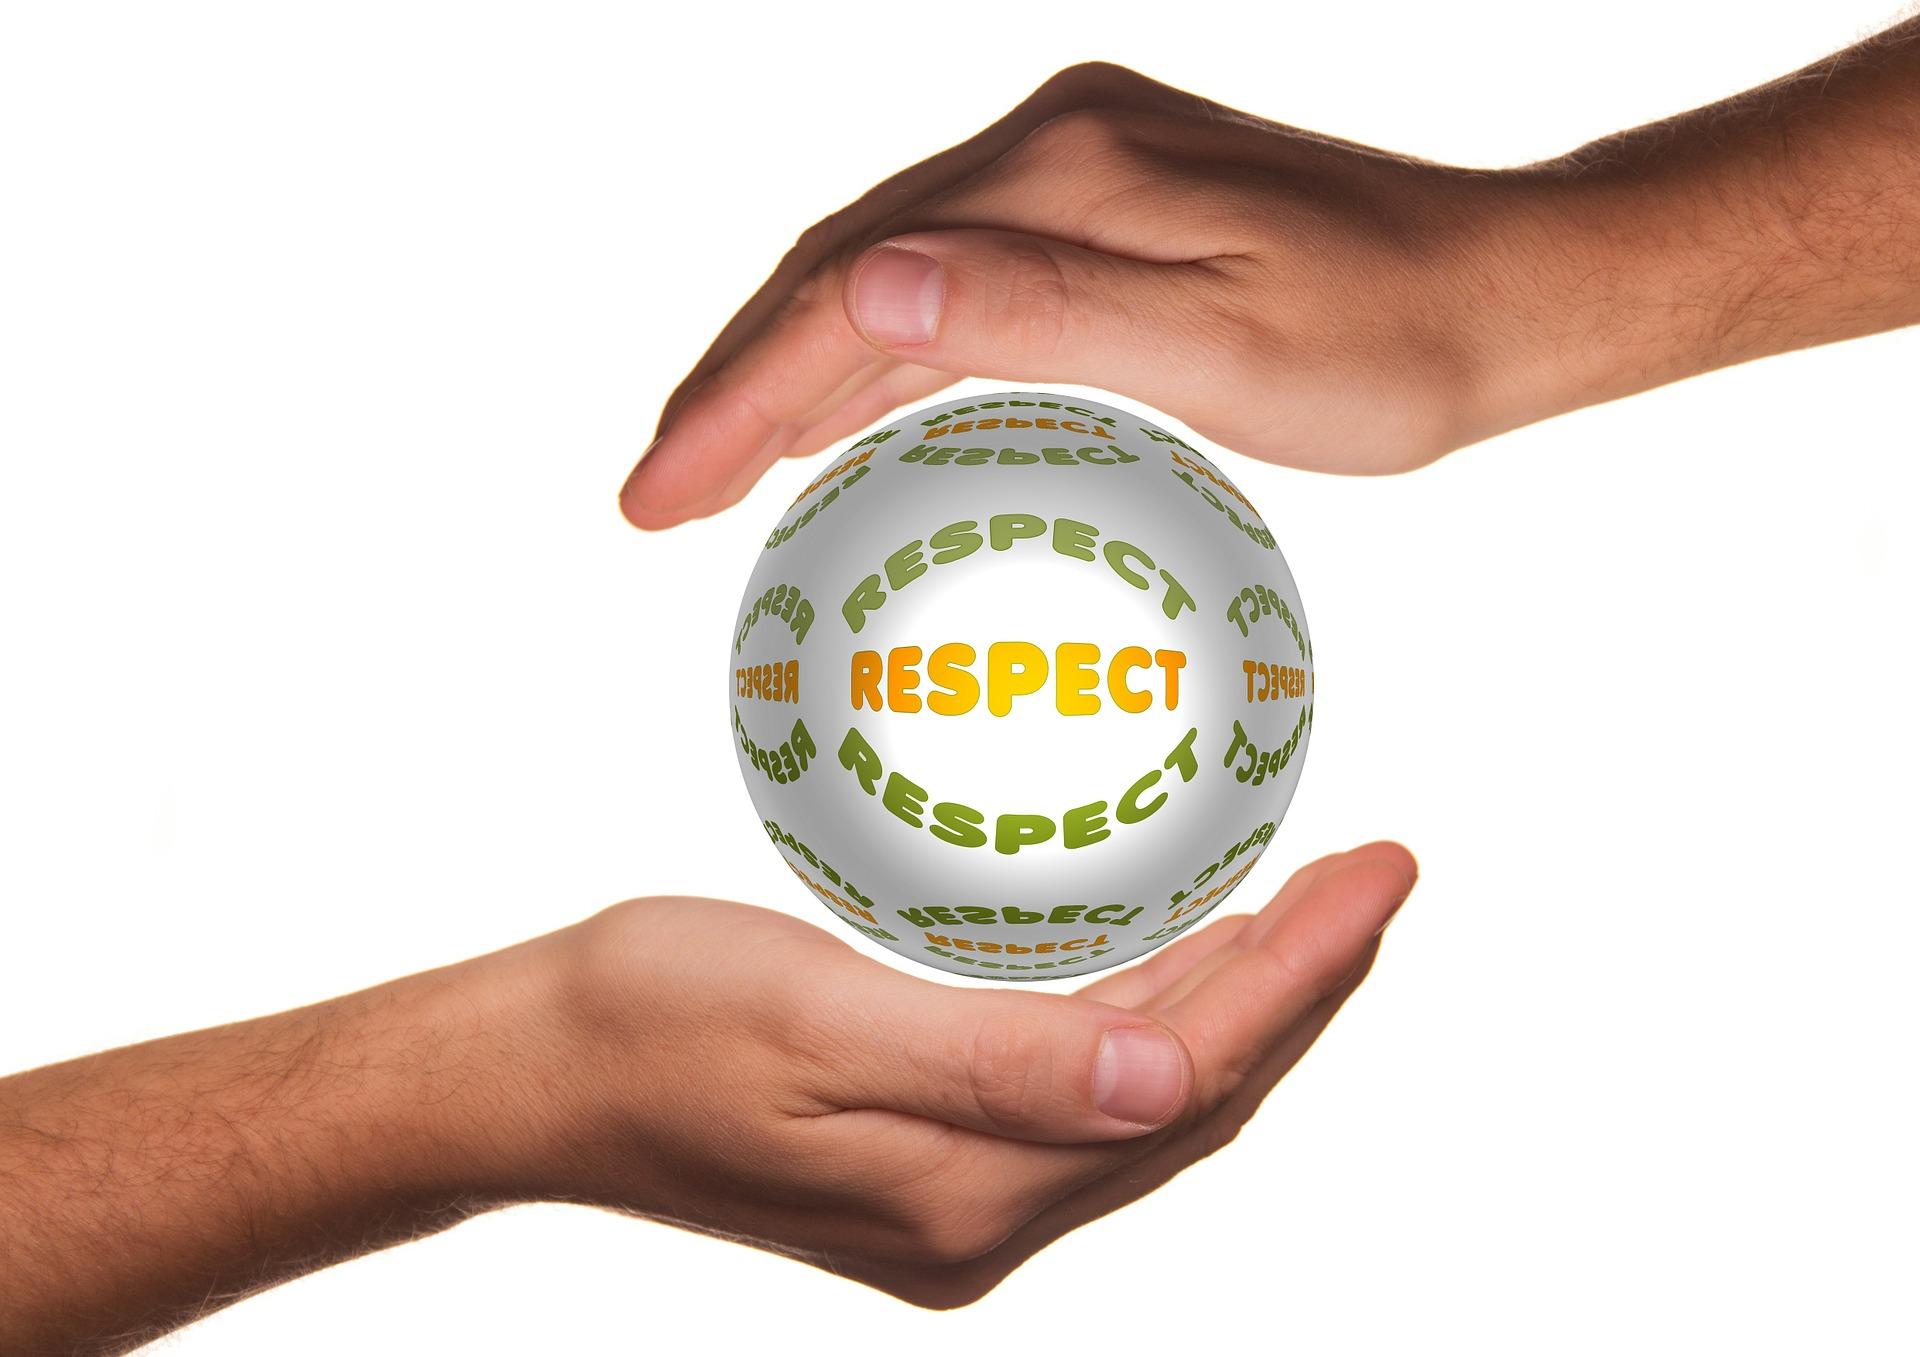 tegeződés, tisztelet, szövegneked